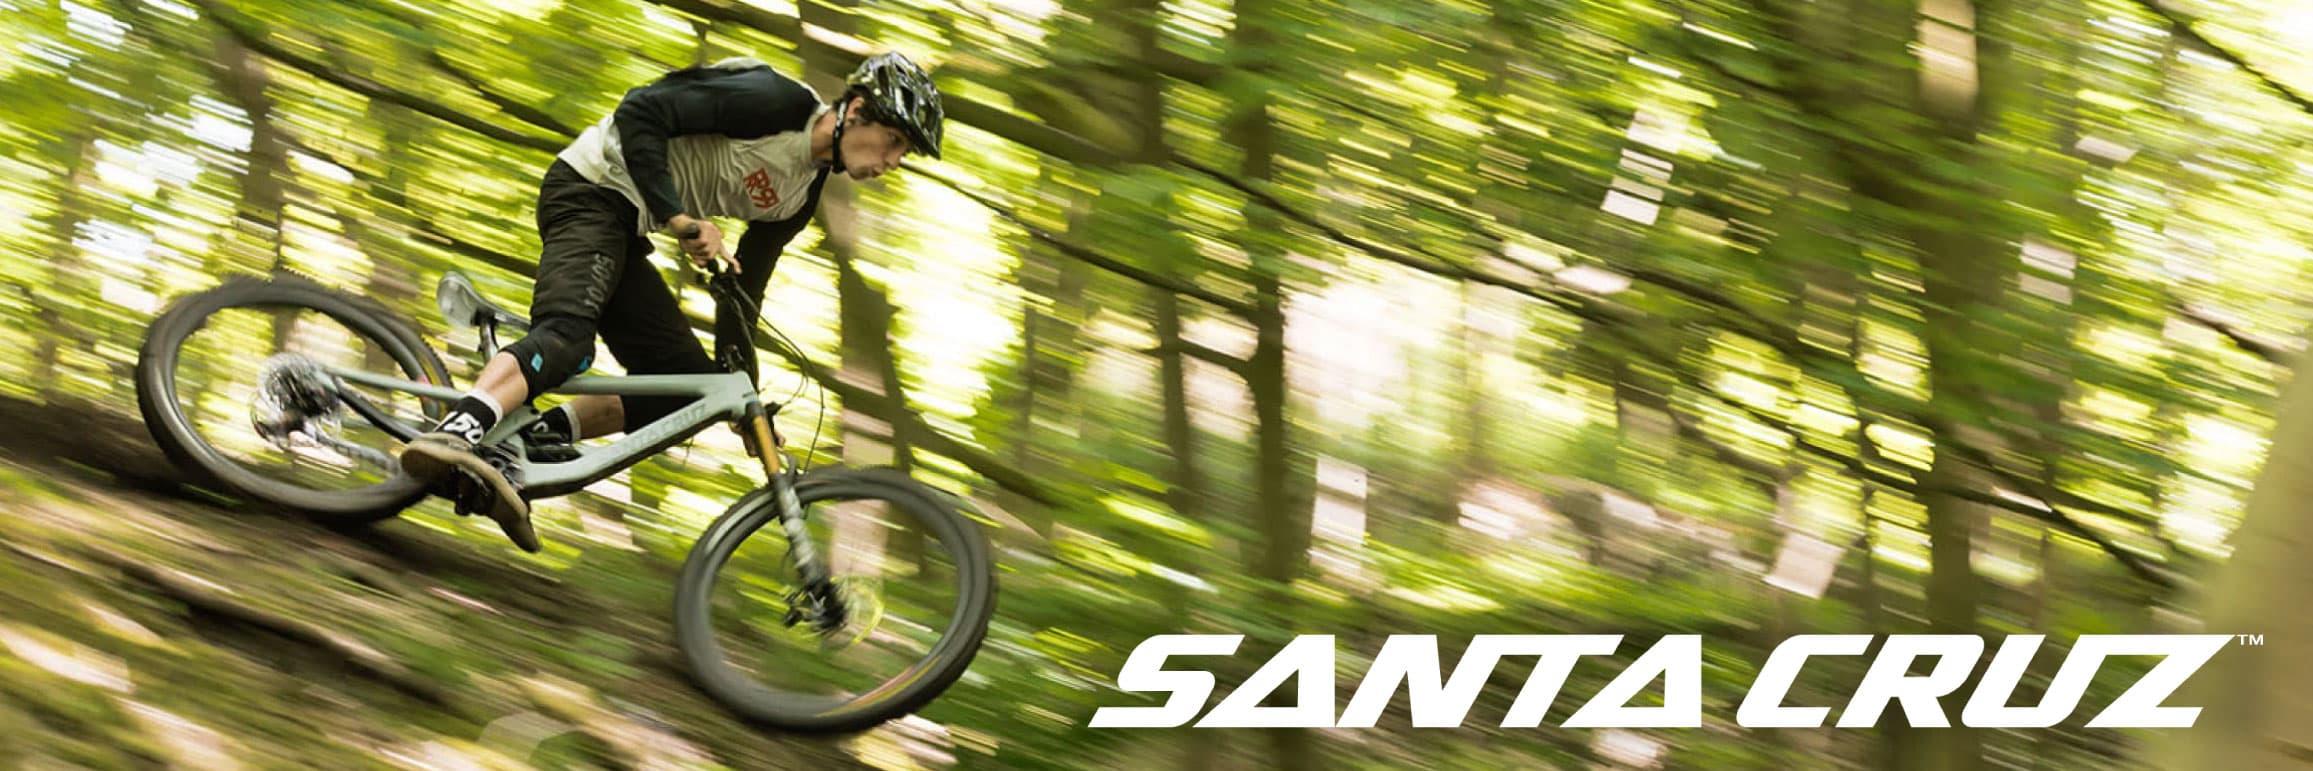 Gregg's Cycle Santa Cruz Mountain Bikes Guide - Gregg's Cycles